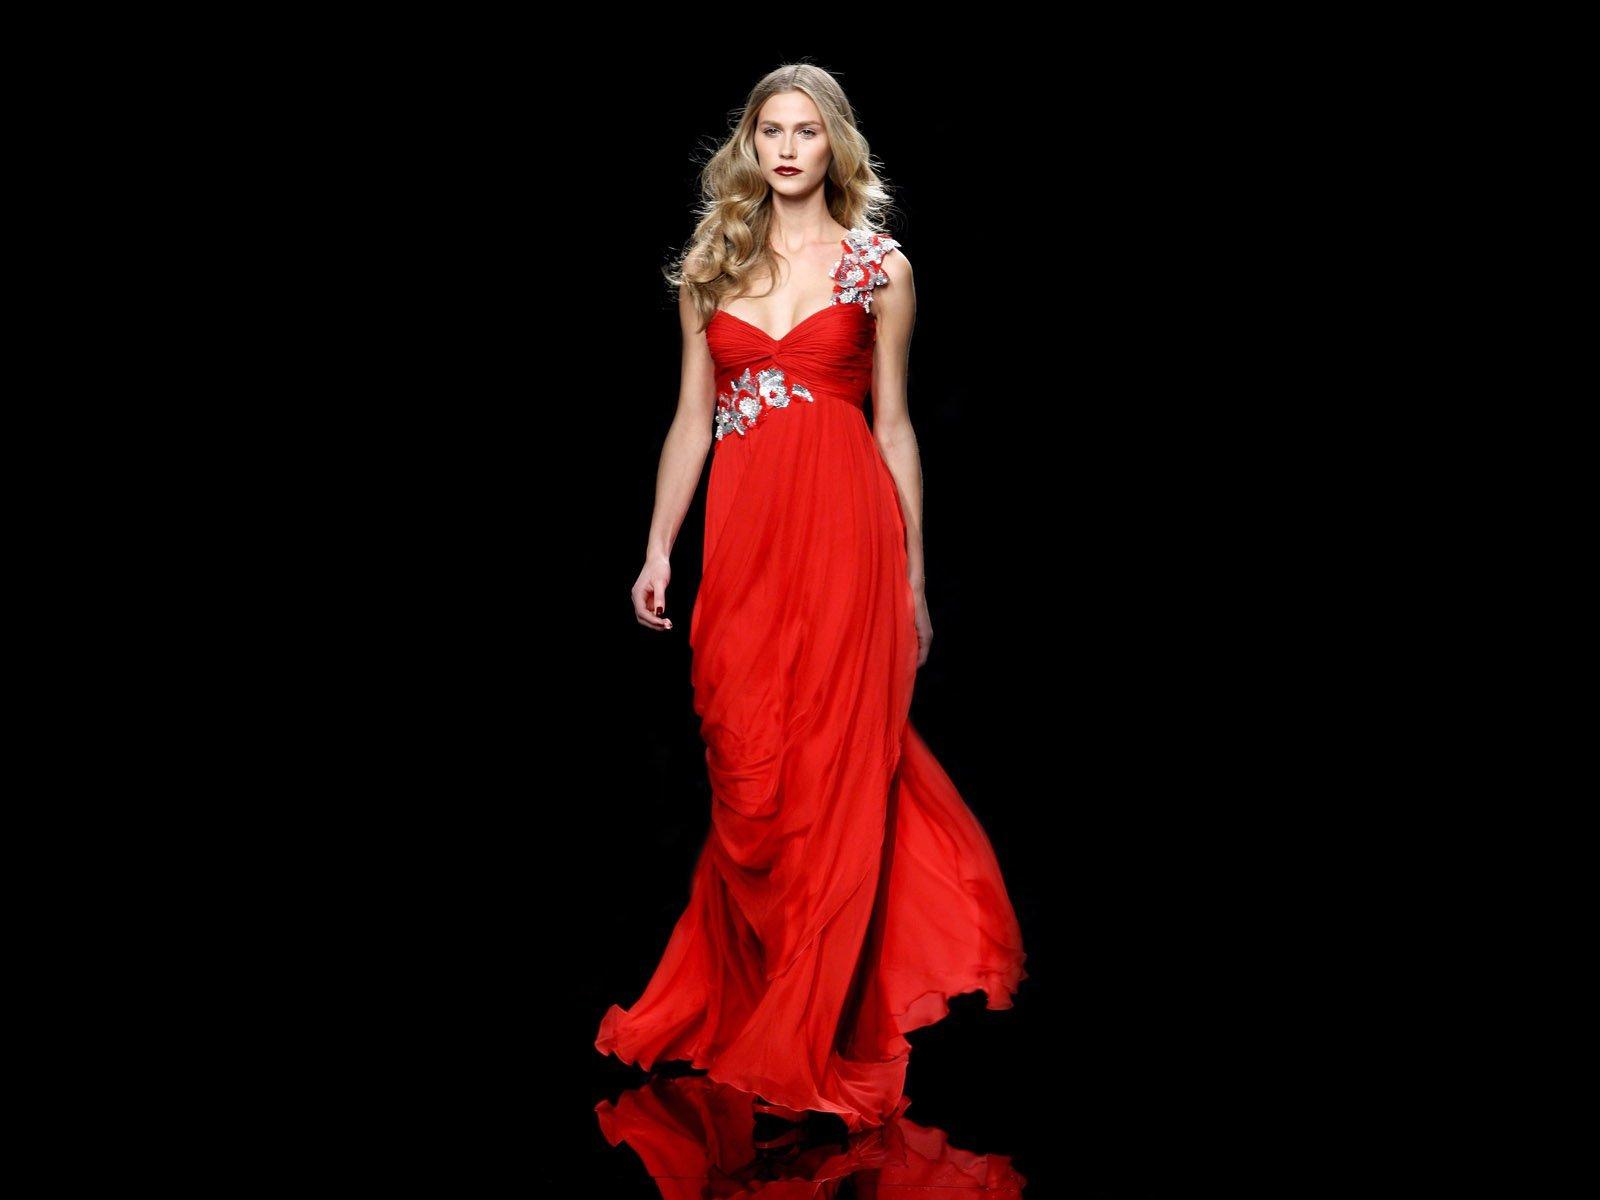 Красивые девушек в платьях вечерних